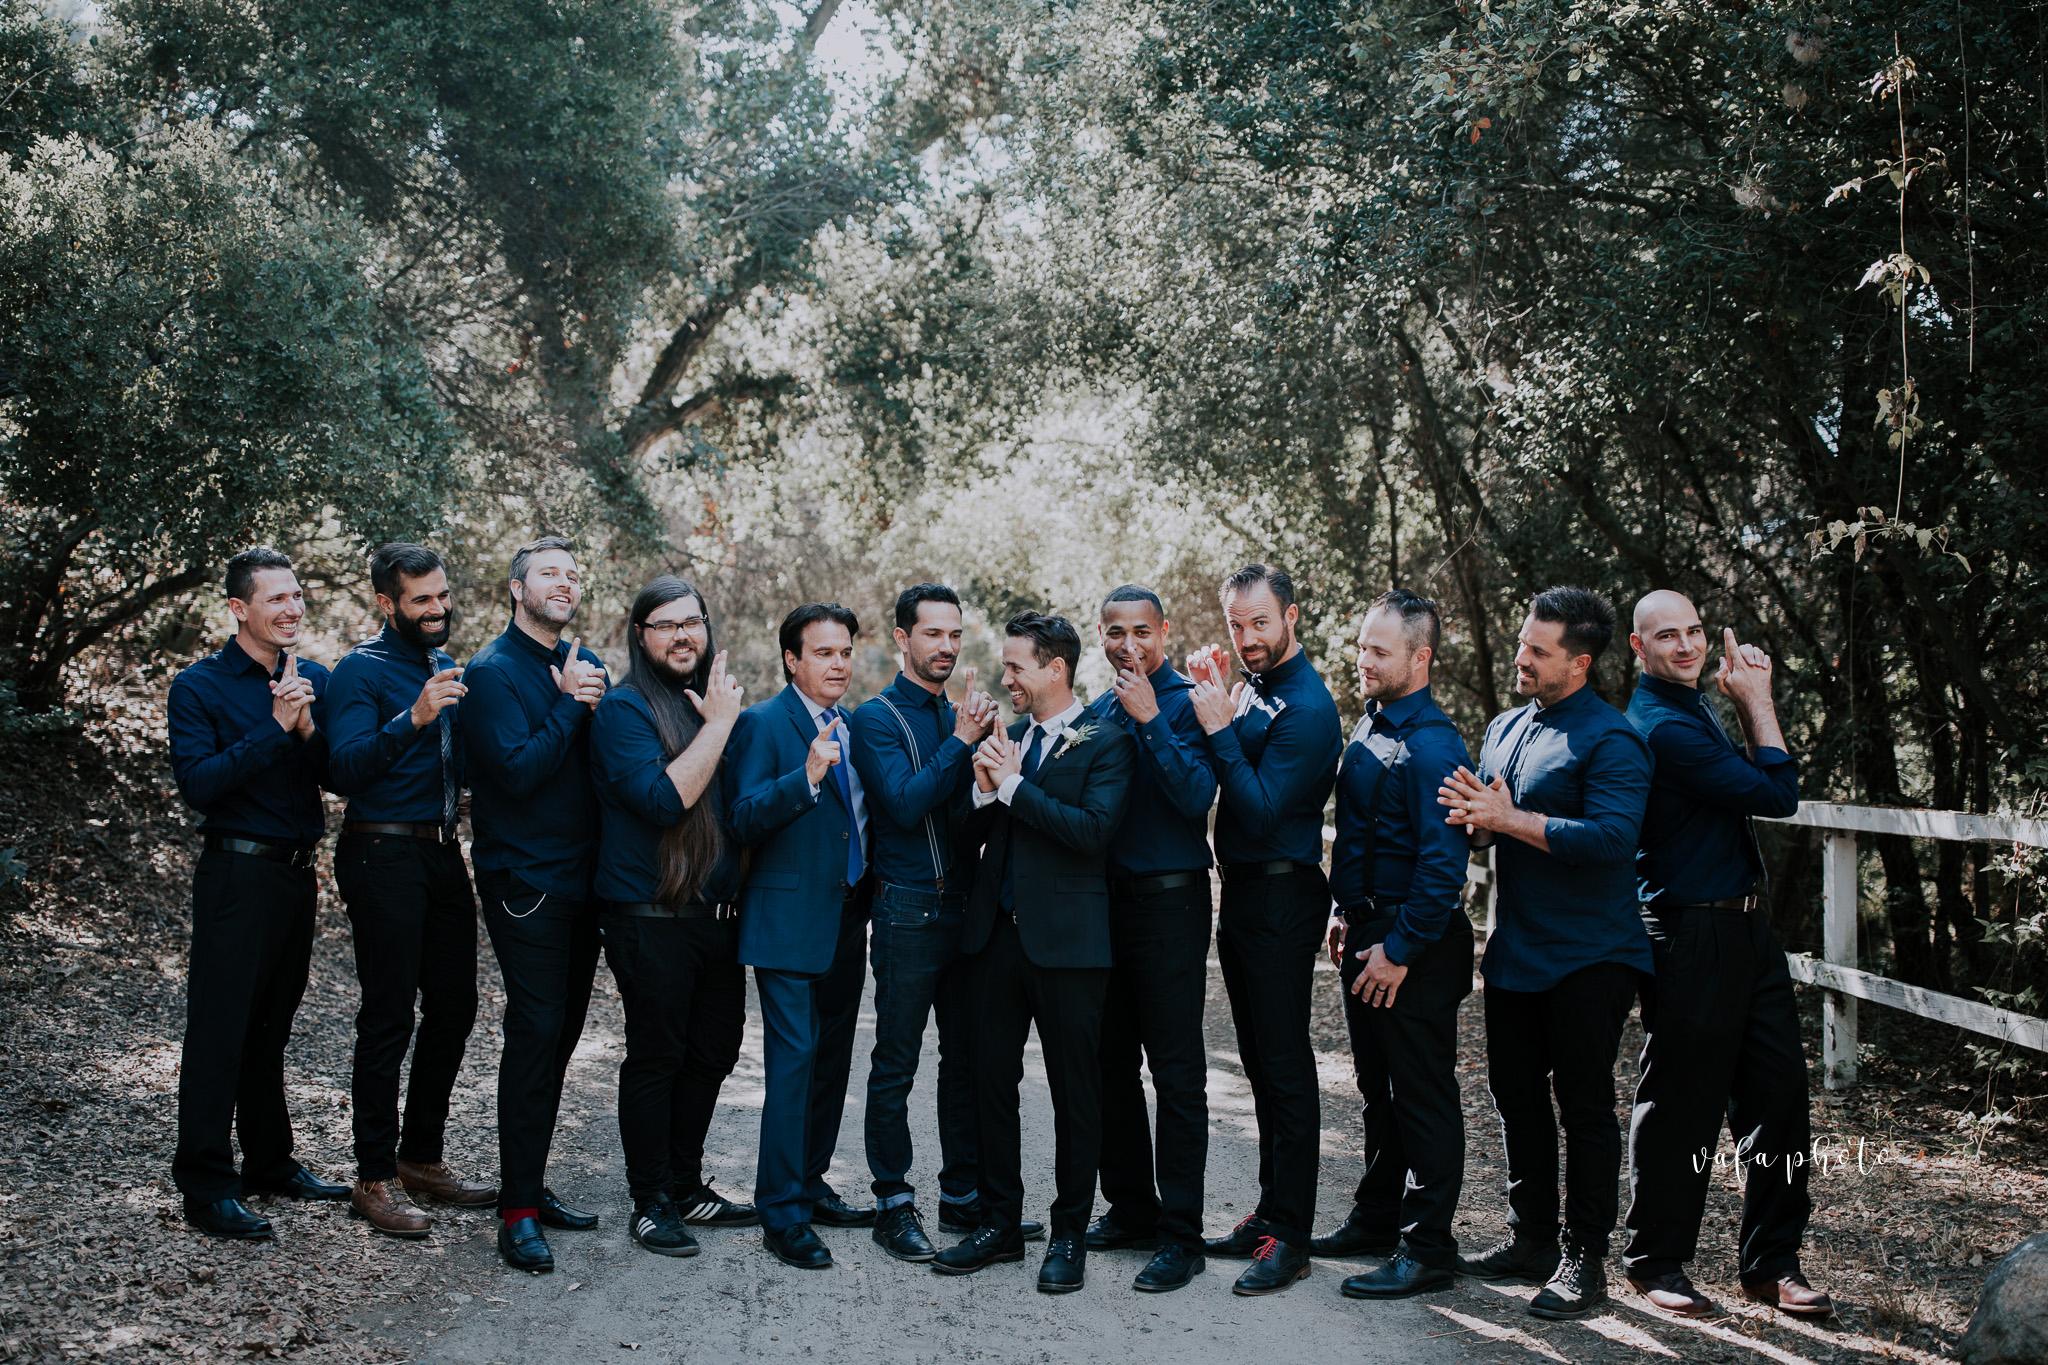 Southern-California-Wedding-Britt-Nilsson-Jeremy-Byrne-Vafa-Photo-276.jpg